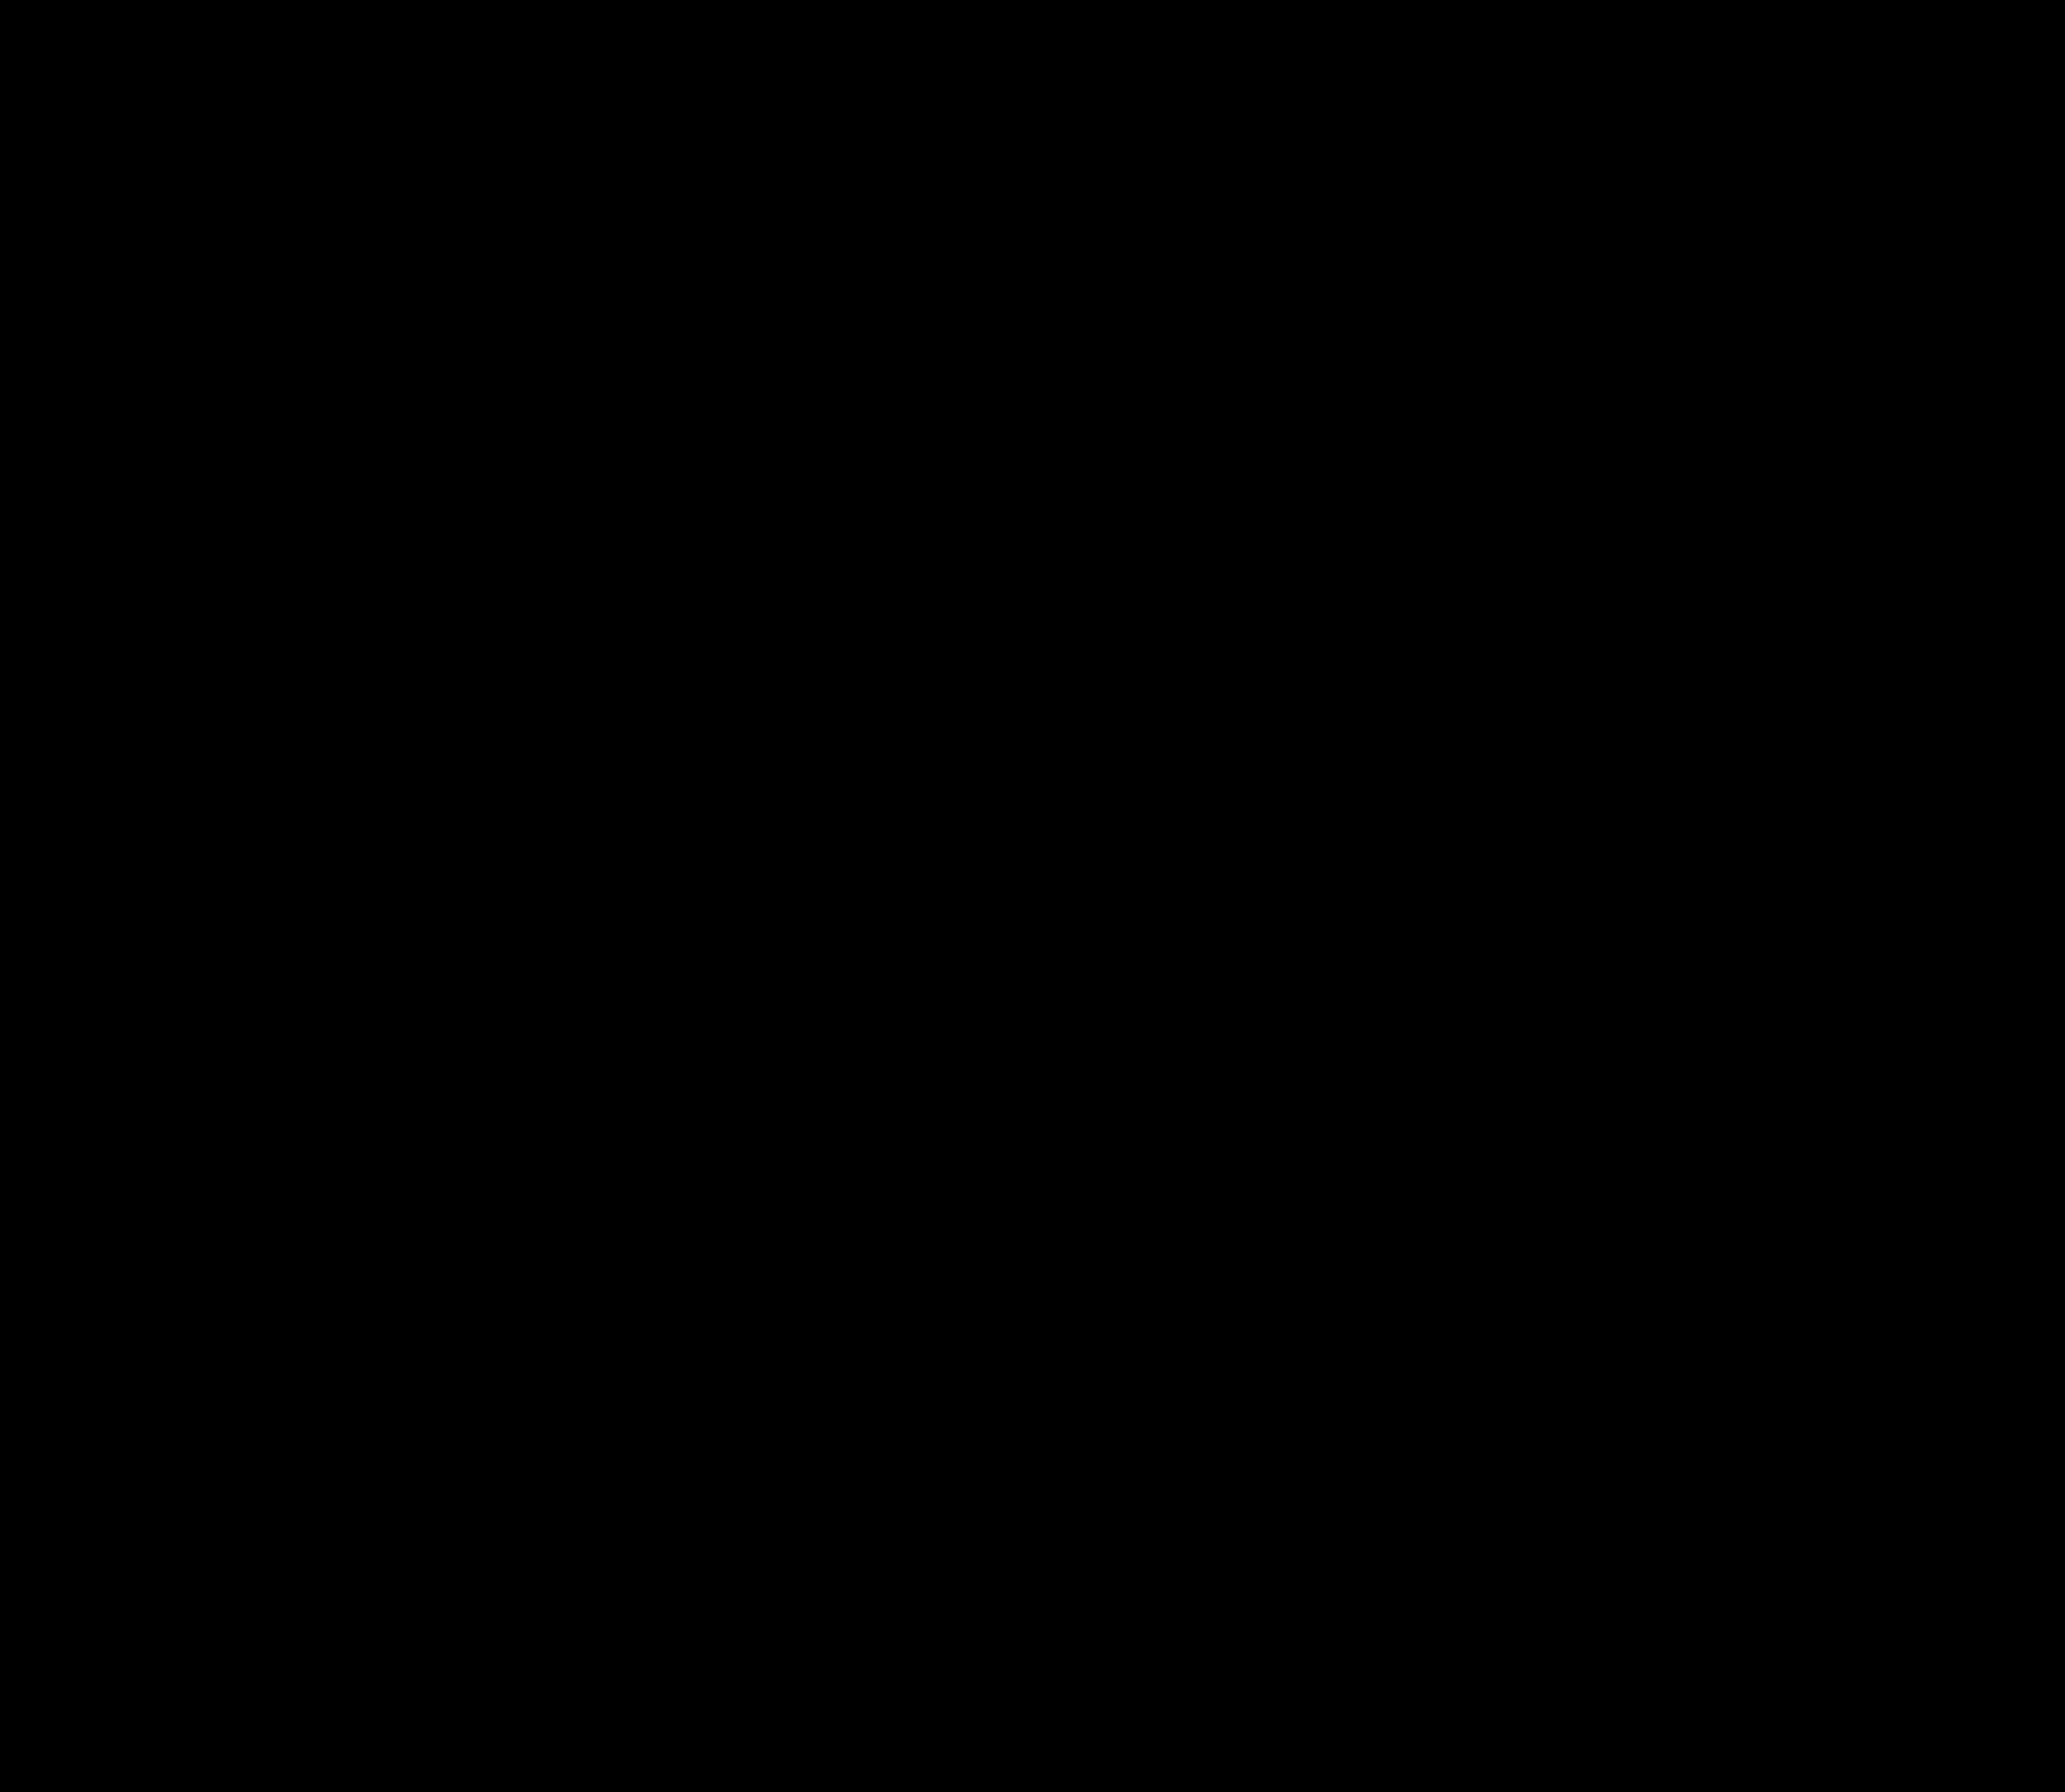 Magyarország Kormánya nevében Varga Judit igazságügyi miniszter megkoszorúzza Mádl Ferenc egykori köztársasági elnök síremlékét a néhai államfő halálának 10. évfordulója alkalmából / Fotó: MTI Máthé Zoltán